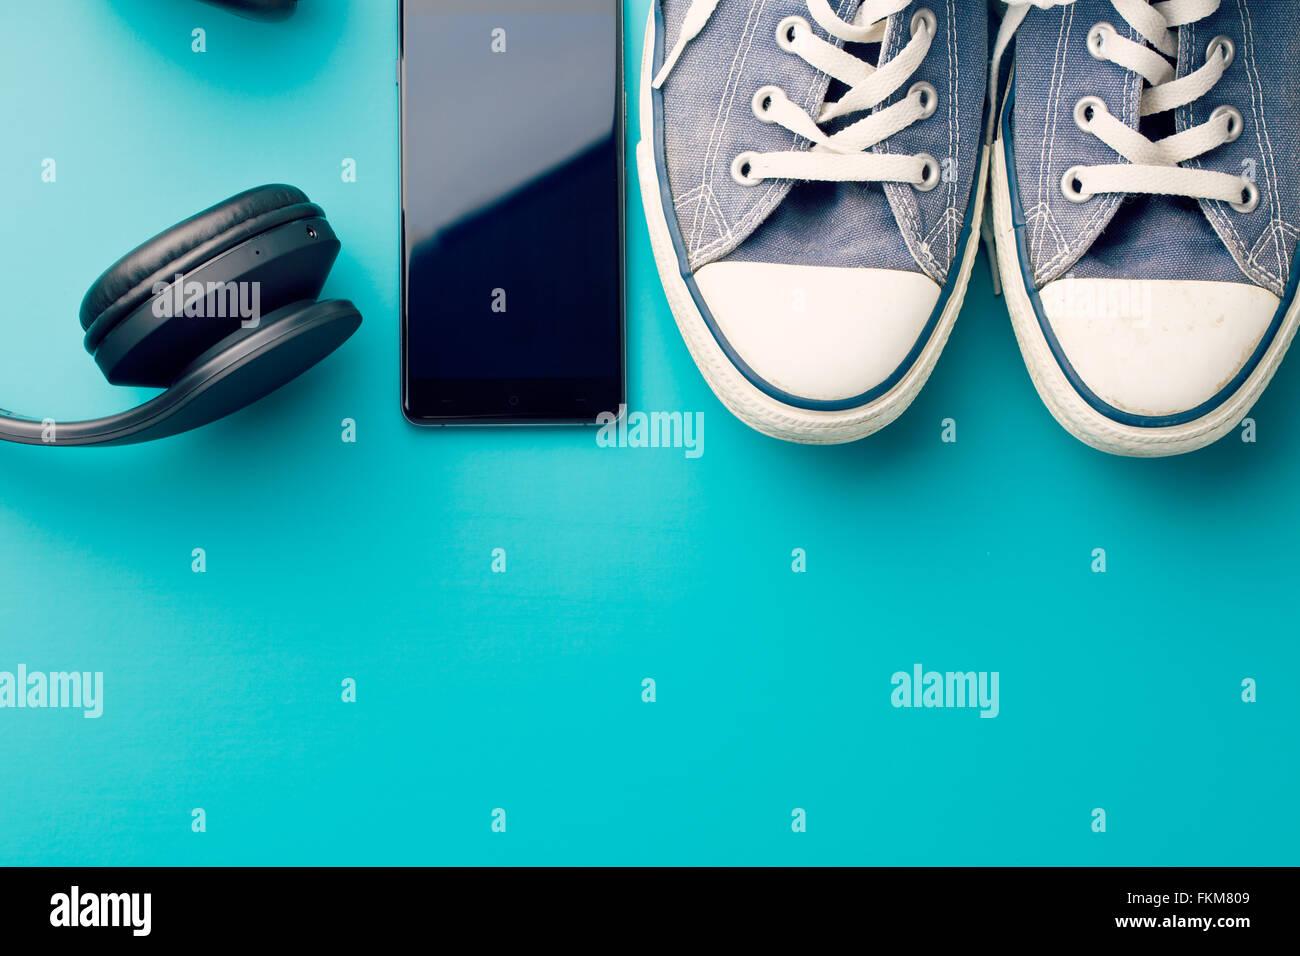 Cuffie, smart phone e sneakers su sfondo colorato Immagini Stock